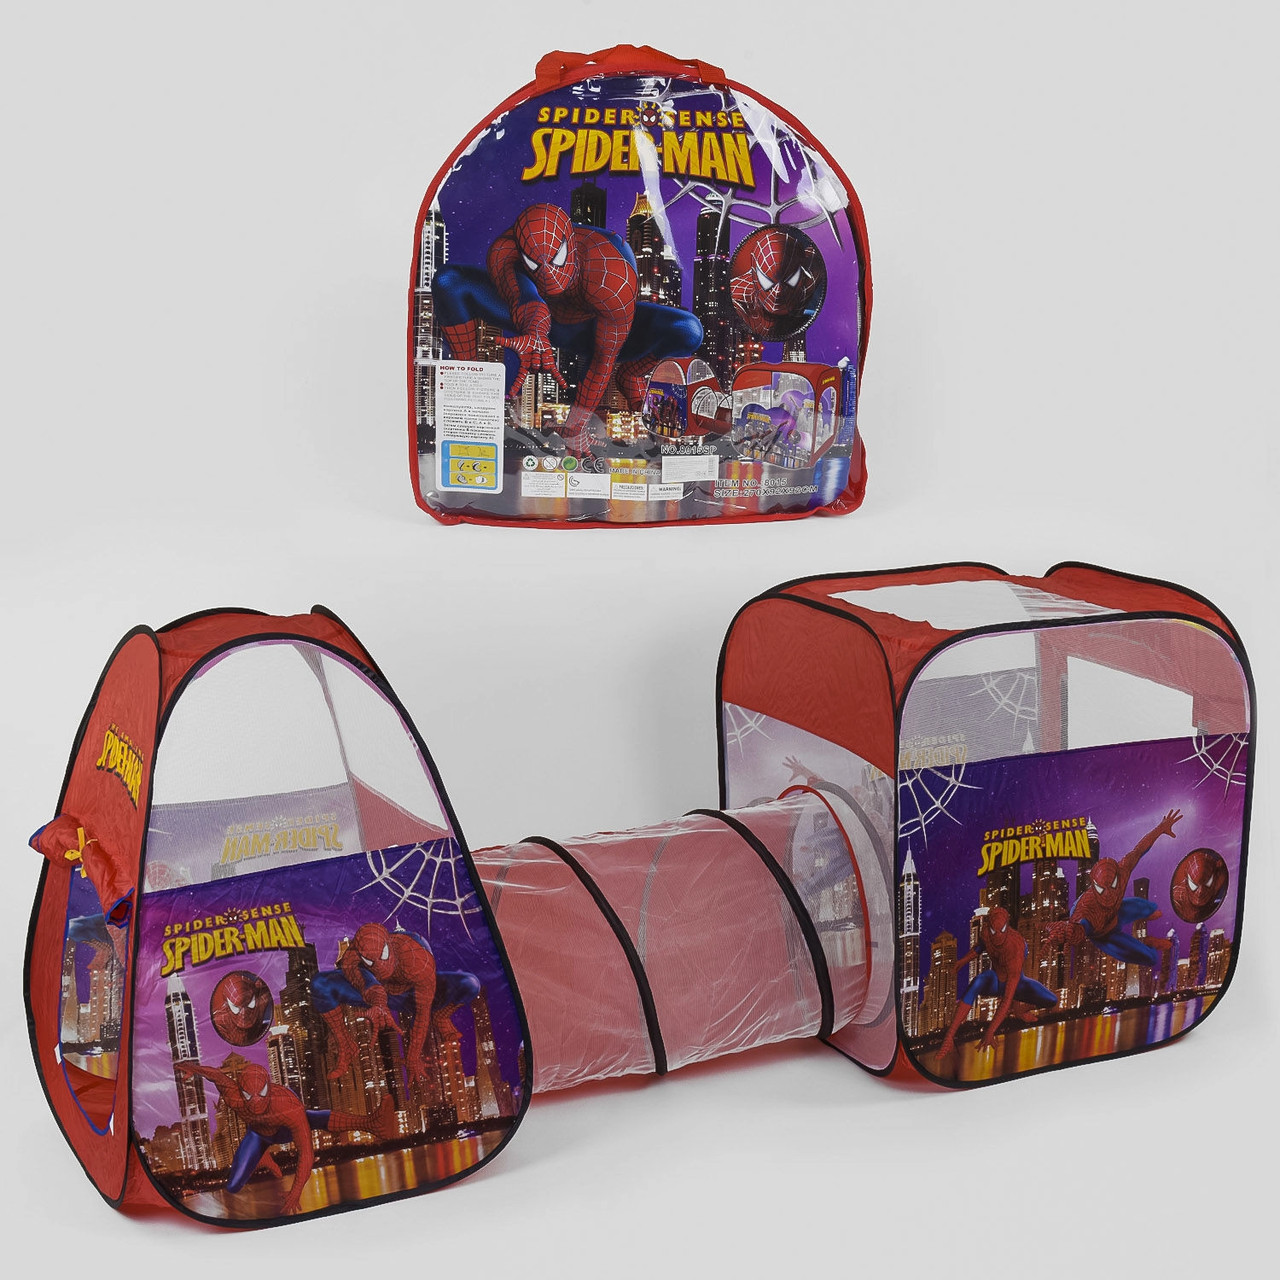 Дитячий ігровий намет з тунелем Супергерой Spider-Man 8015 SP, розмір 270*92*92 см